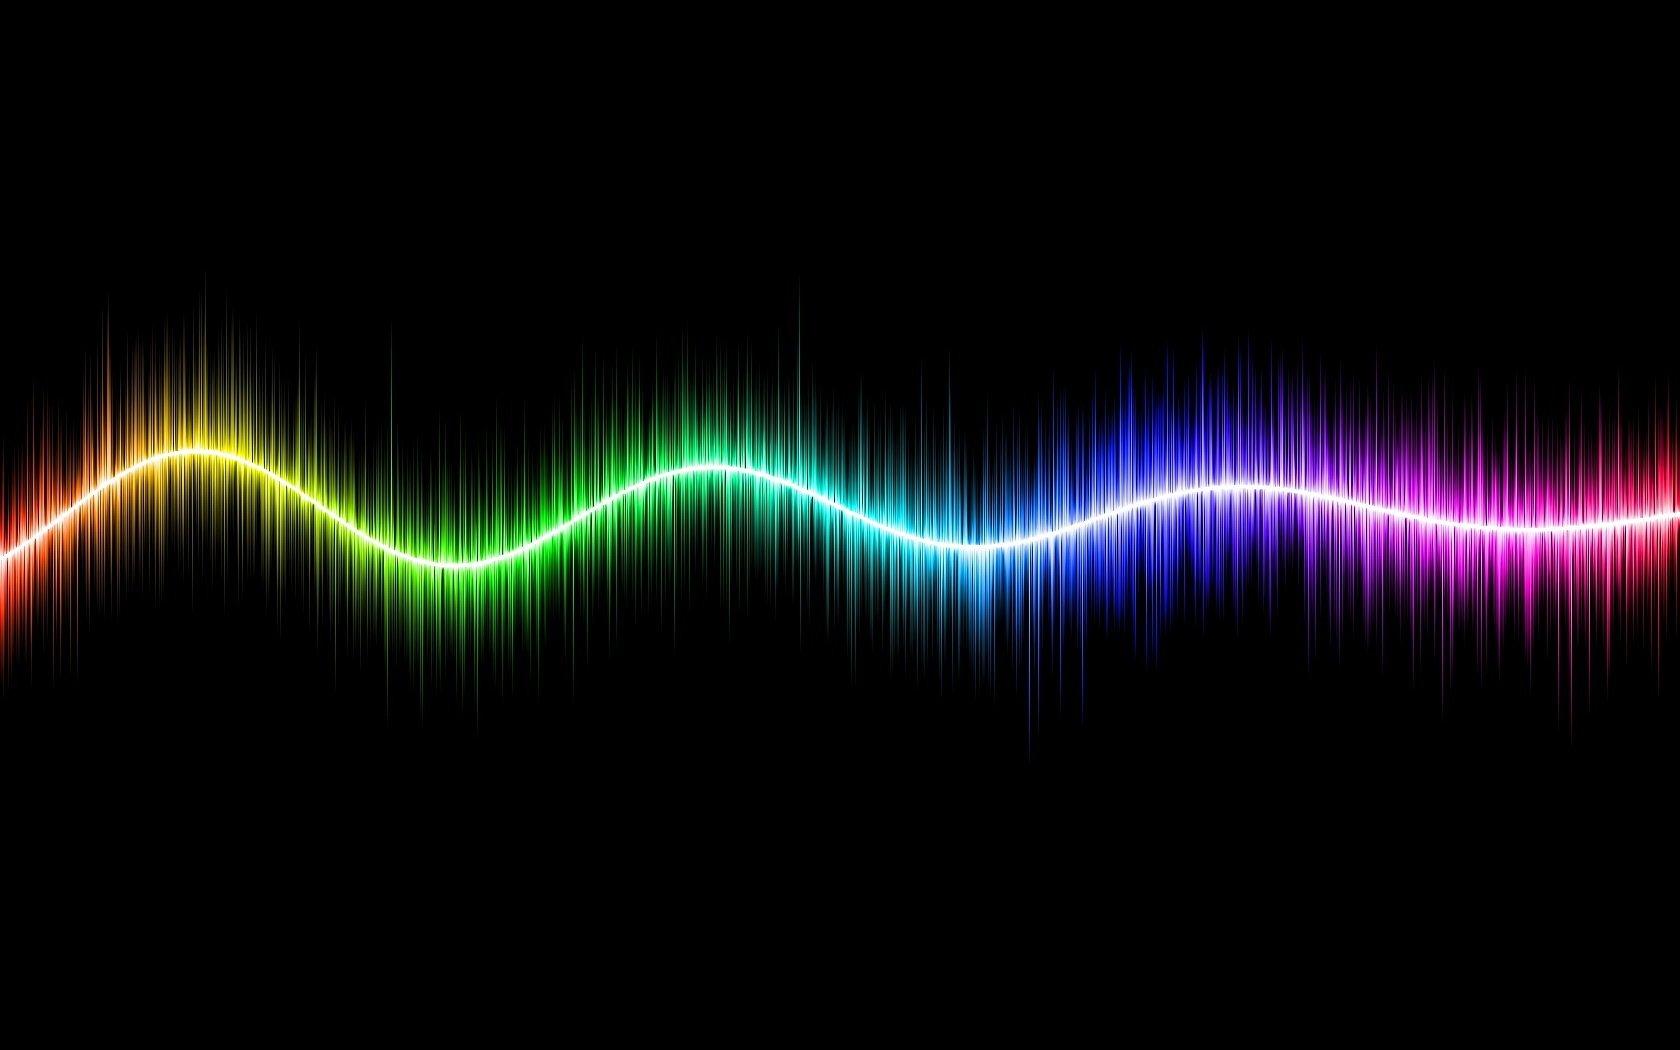 Drawing Lines Sound Effect : Onde e vibrazioni